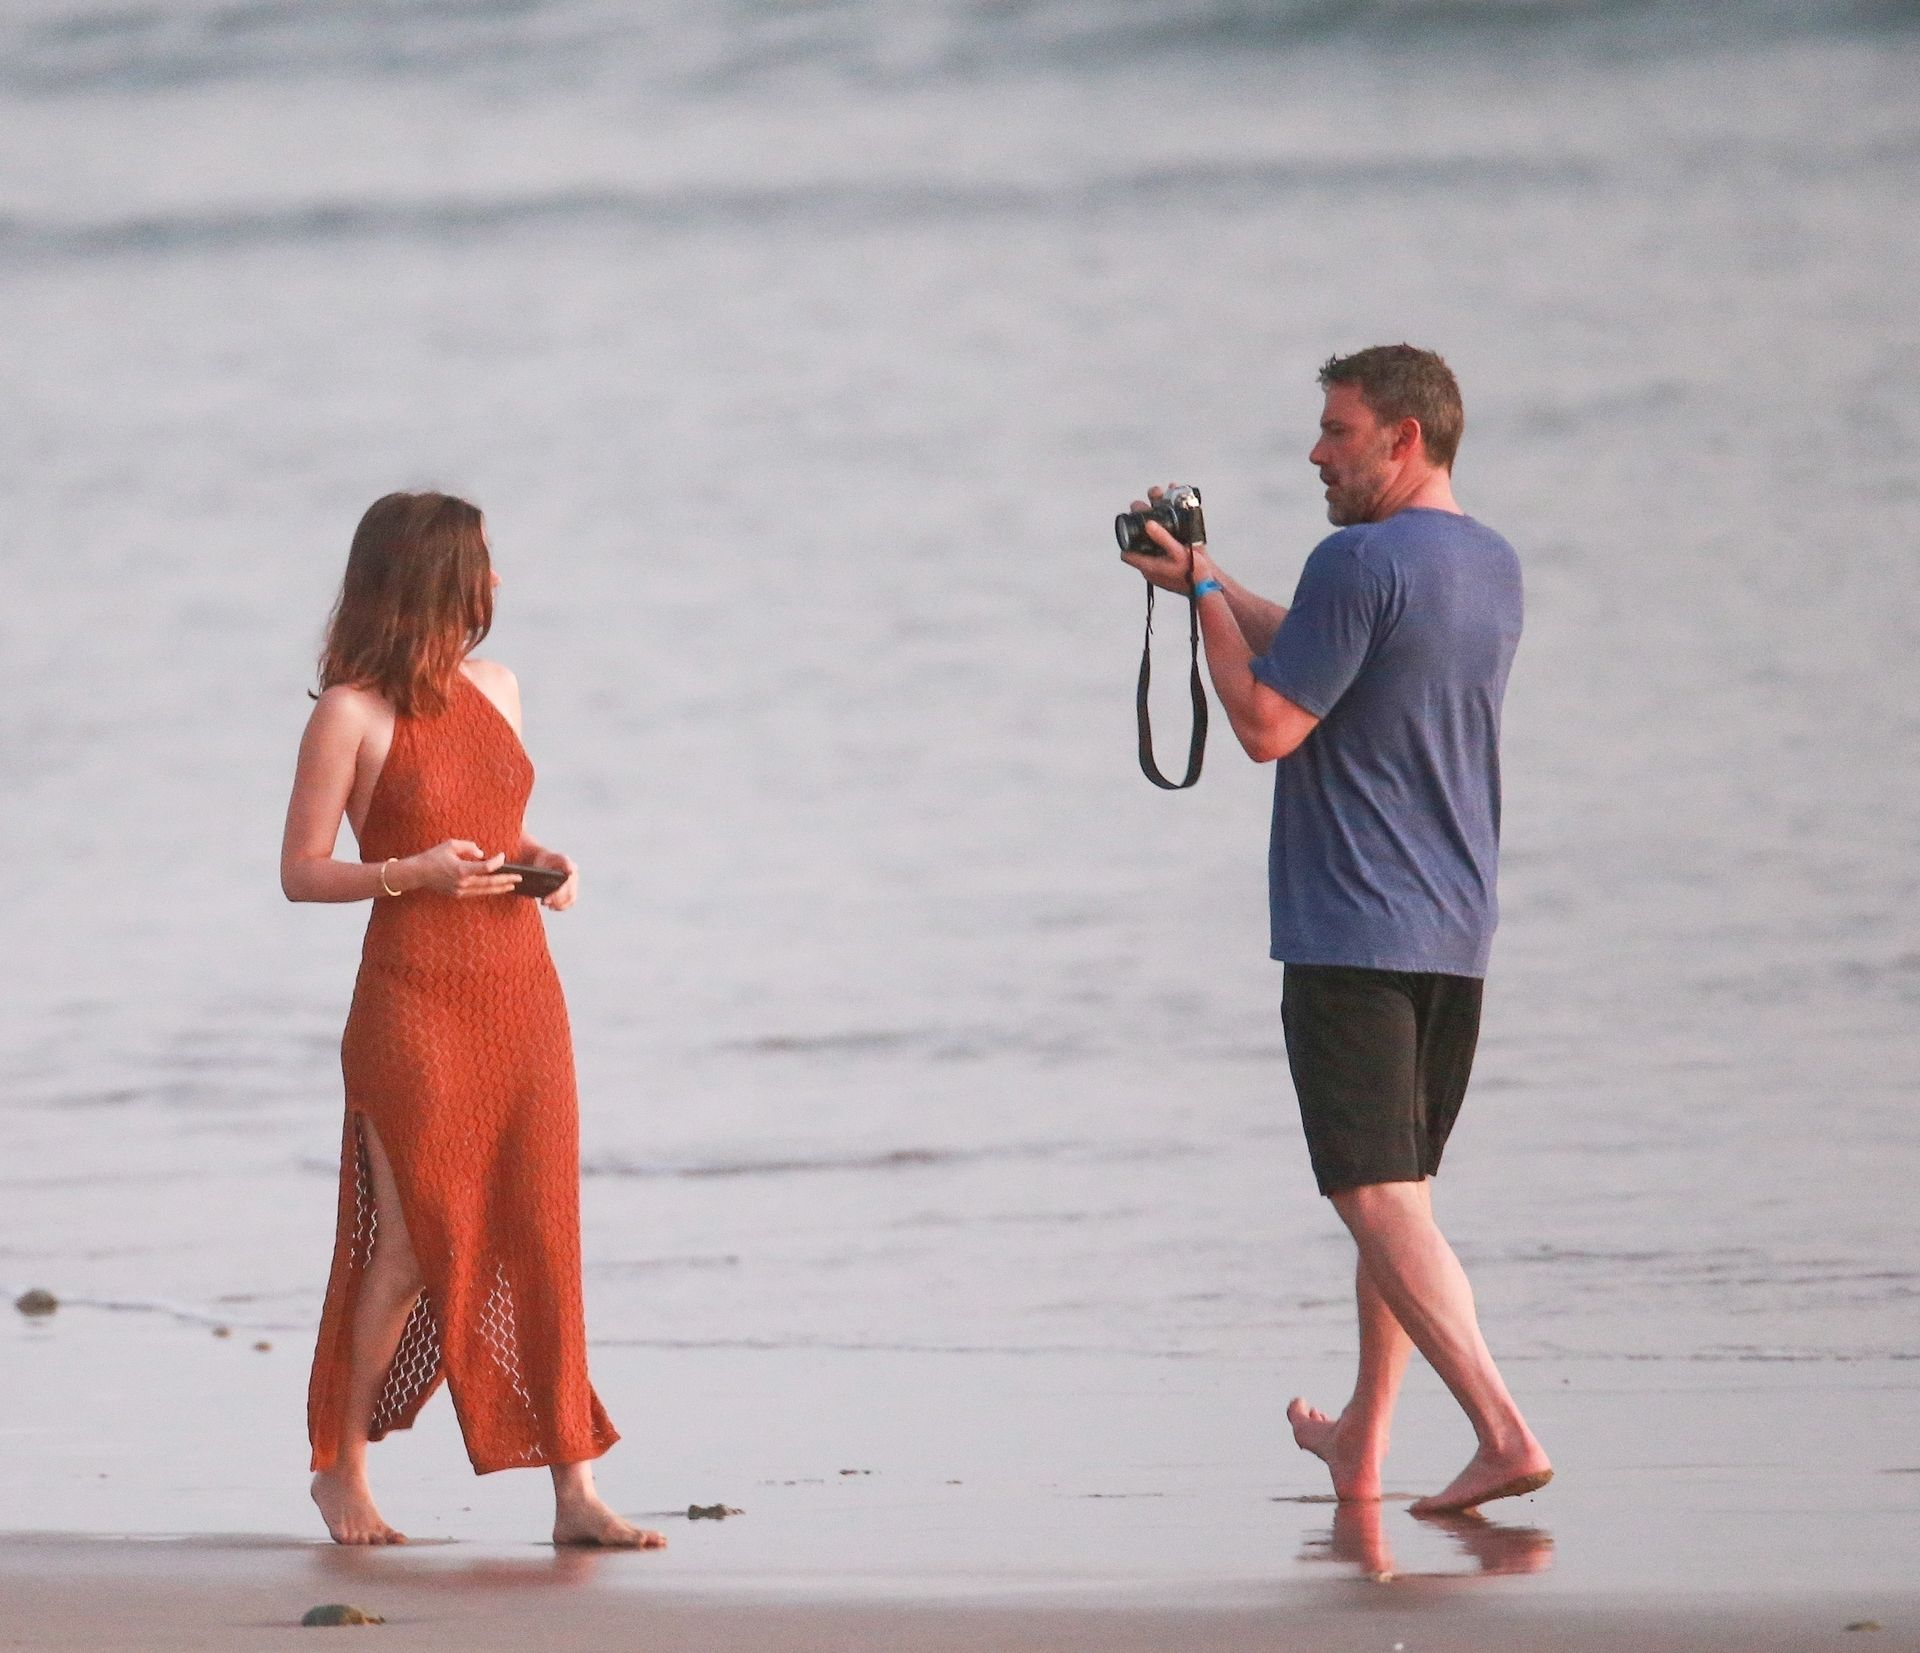 Ben Affleck & Ana De Armas Enjoy A Pda Moment During Romantic Beach Stroll In Costa Rica 0031